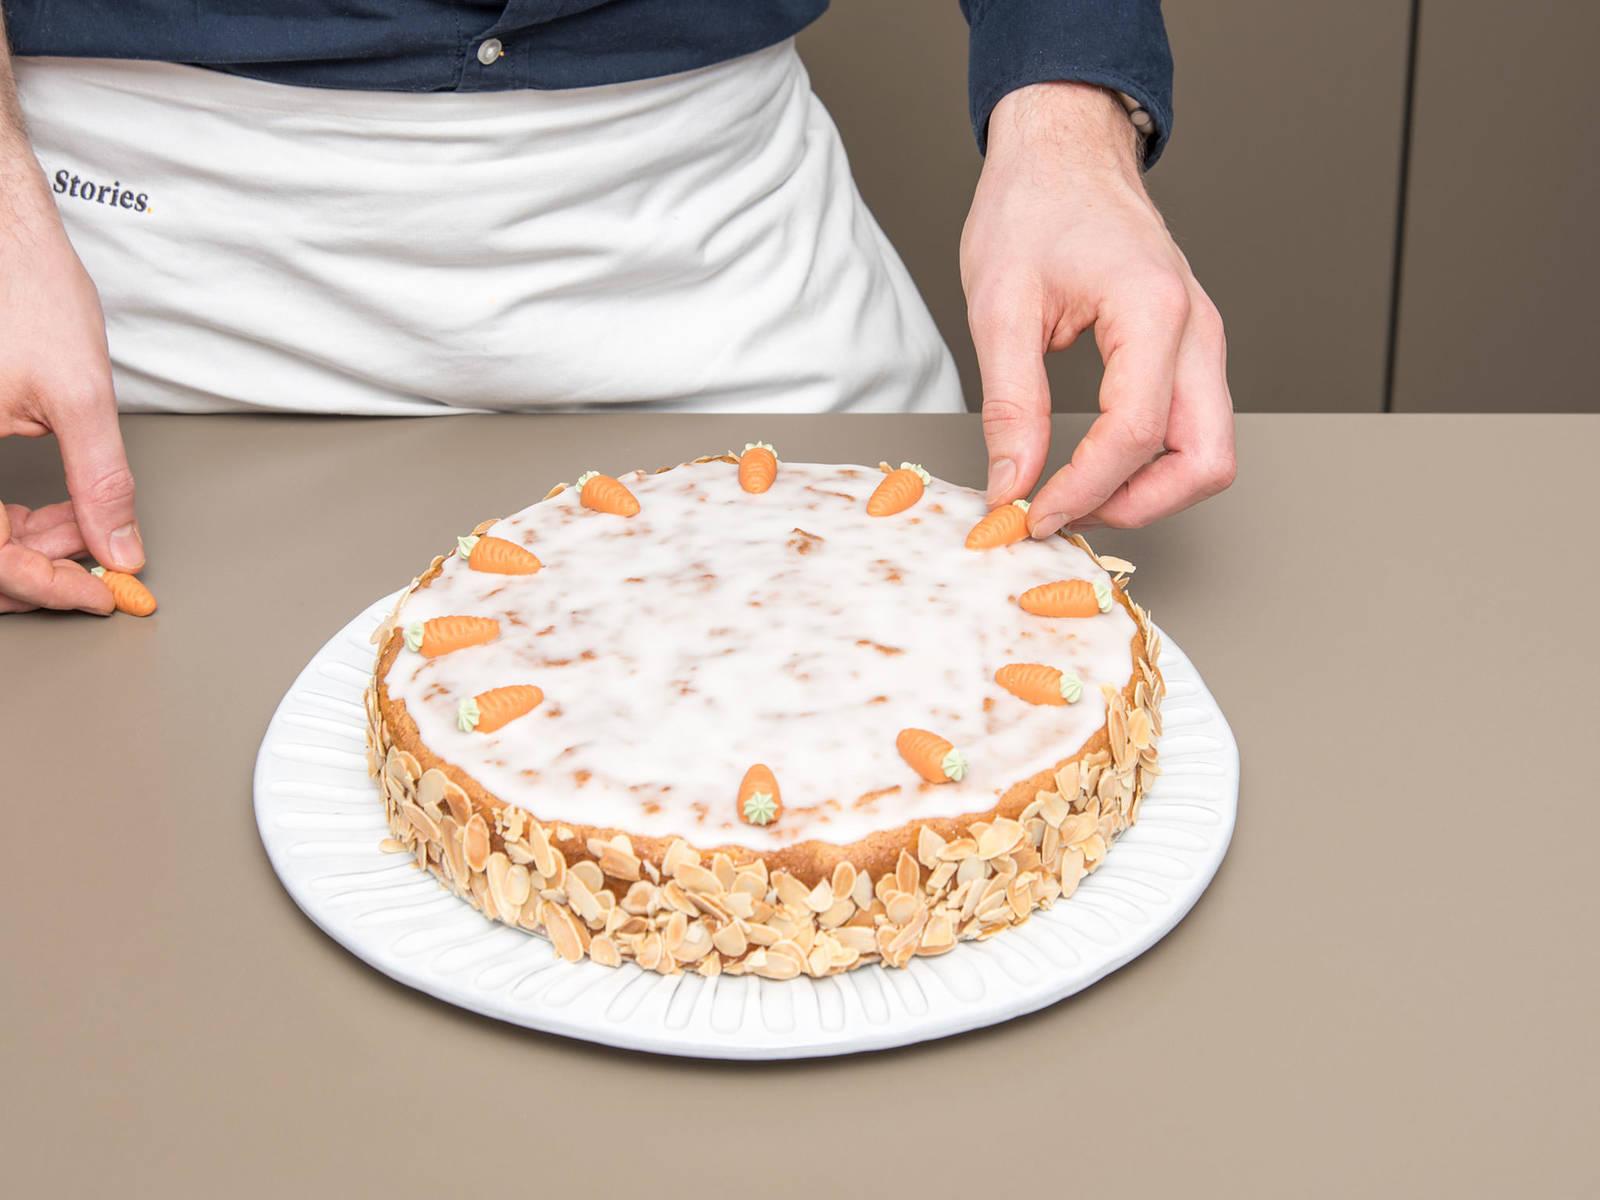 将糖粉过筛倒入小碗中,倒入些许水,制成浓厚糖霜。用扁刮刀将杏子酱抹到蛋糕上,并均匀地刷上糖霜。用烤好的杏仁片装饰蛋糕侧面,在顶上插上小胡萝卜。尽情享用吧!